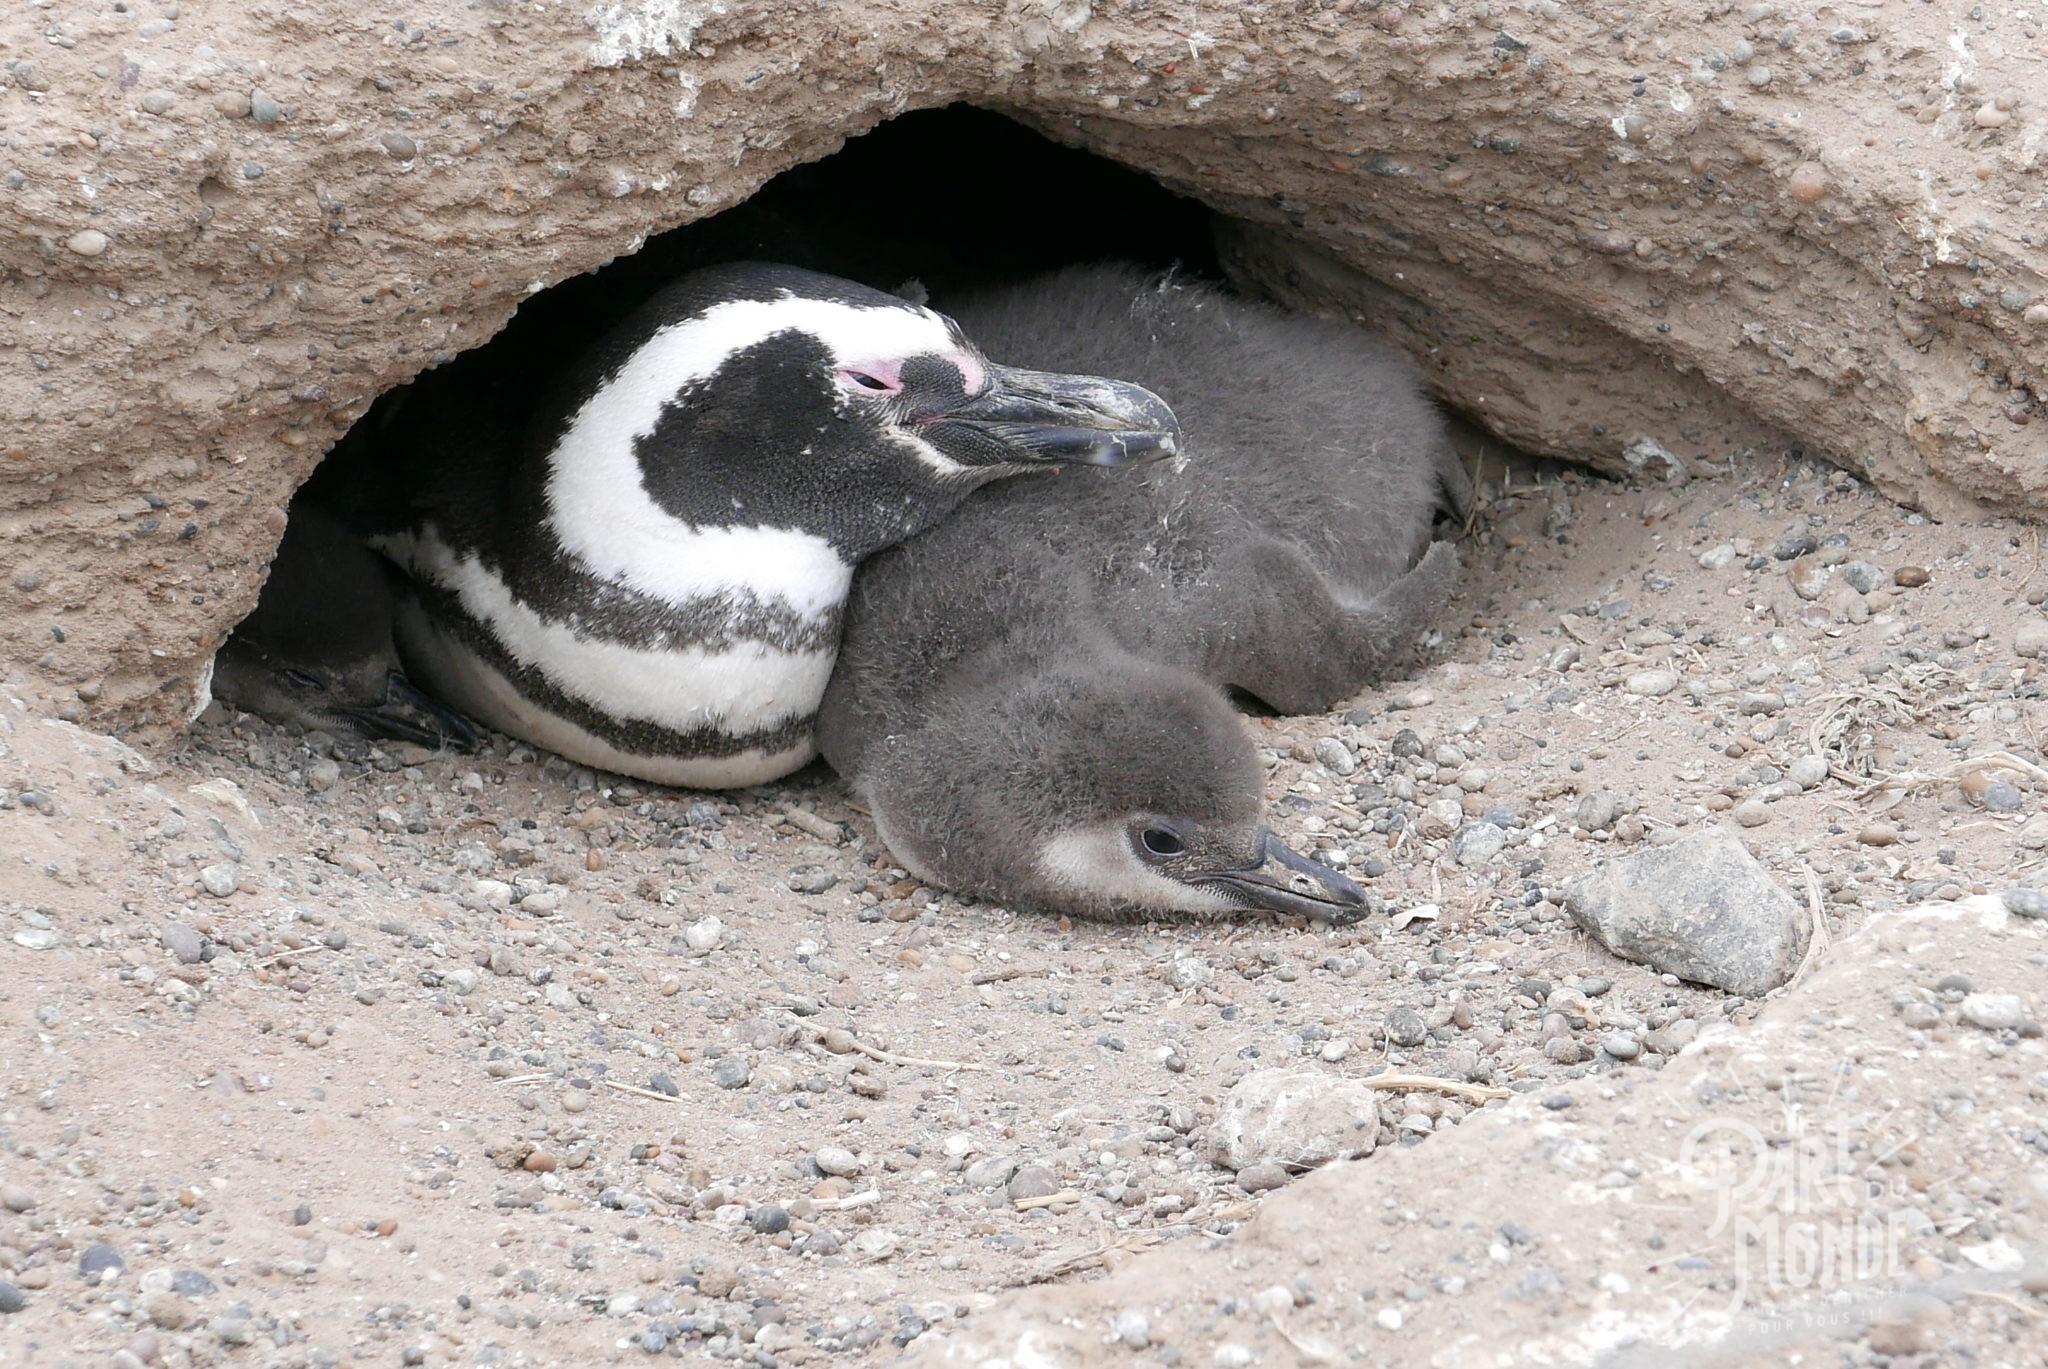 péninsule de valdès punta tombo bébé maman pinguin